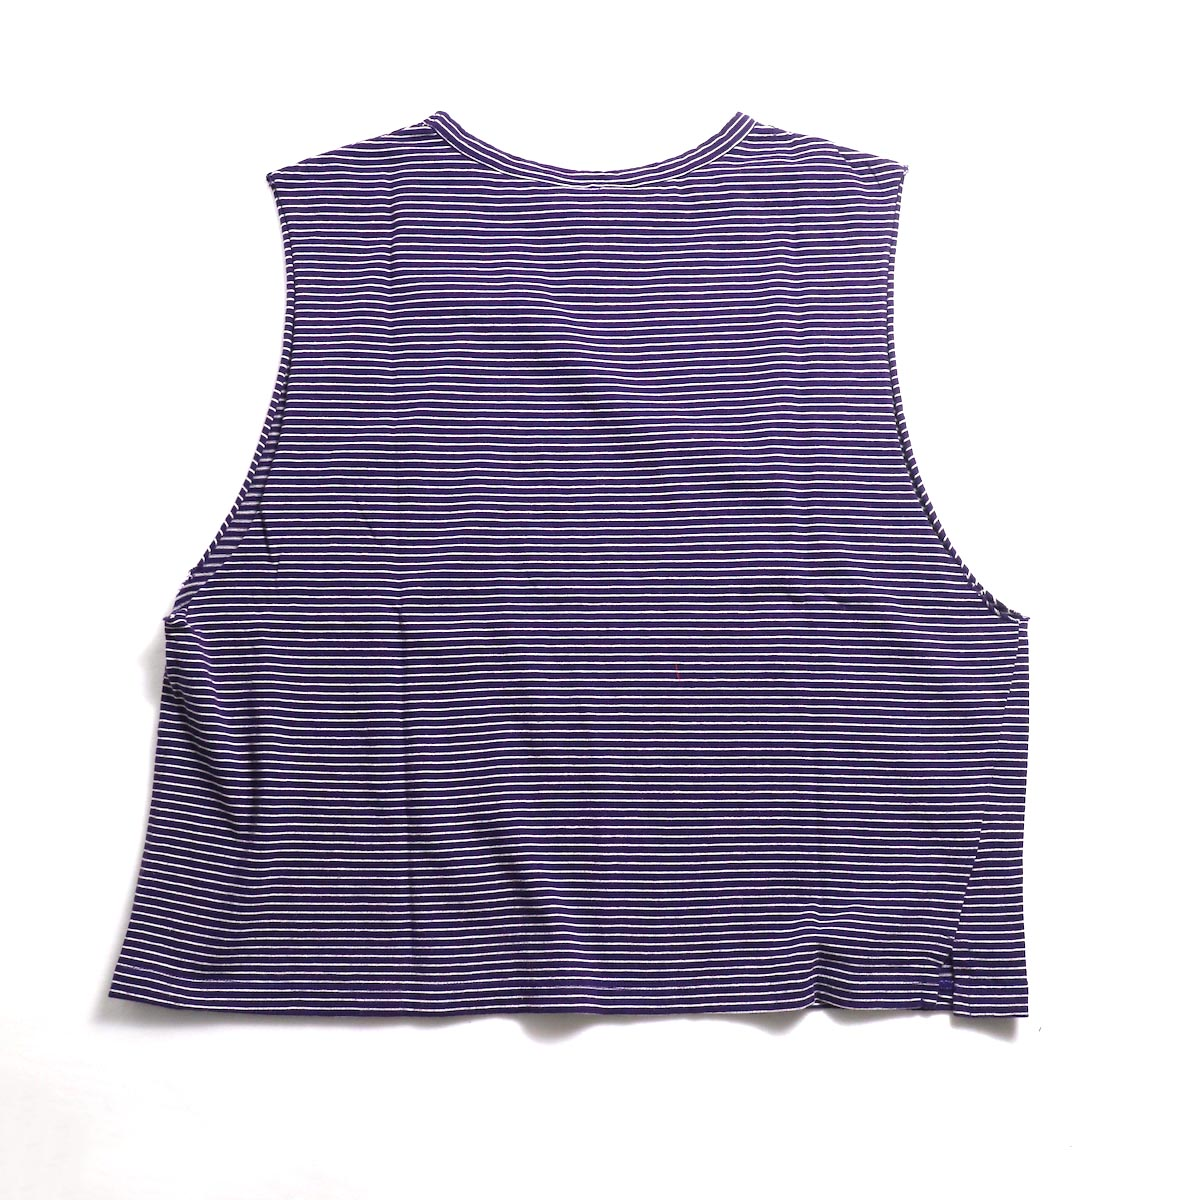 UNUSED / US1568 Border No Sleeve Tee (Purple×White) 背面